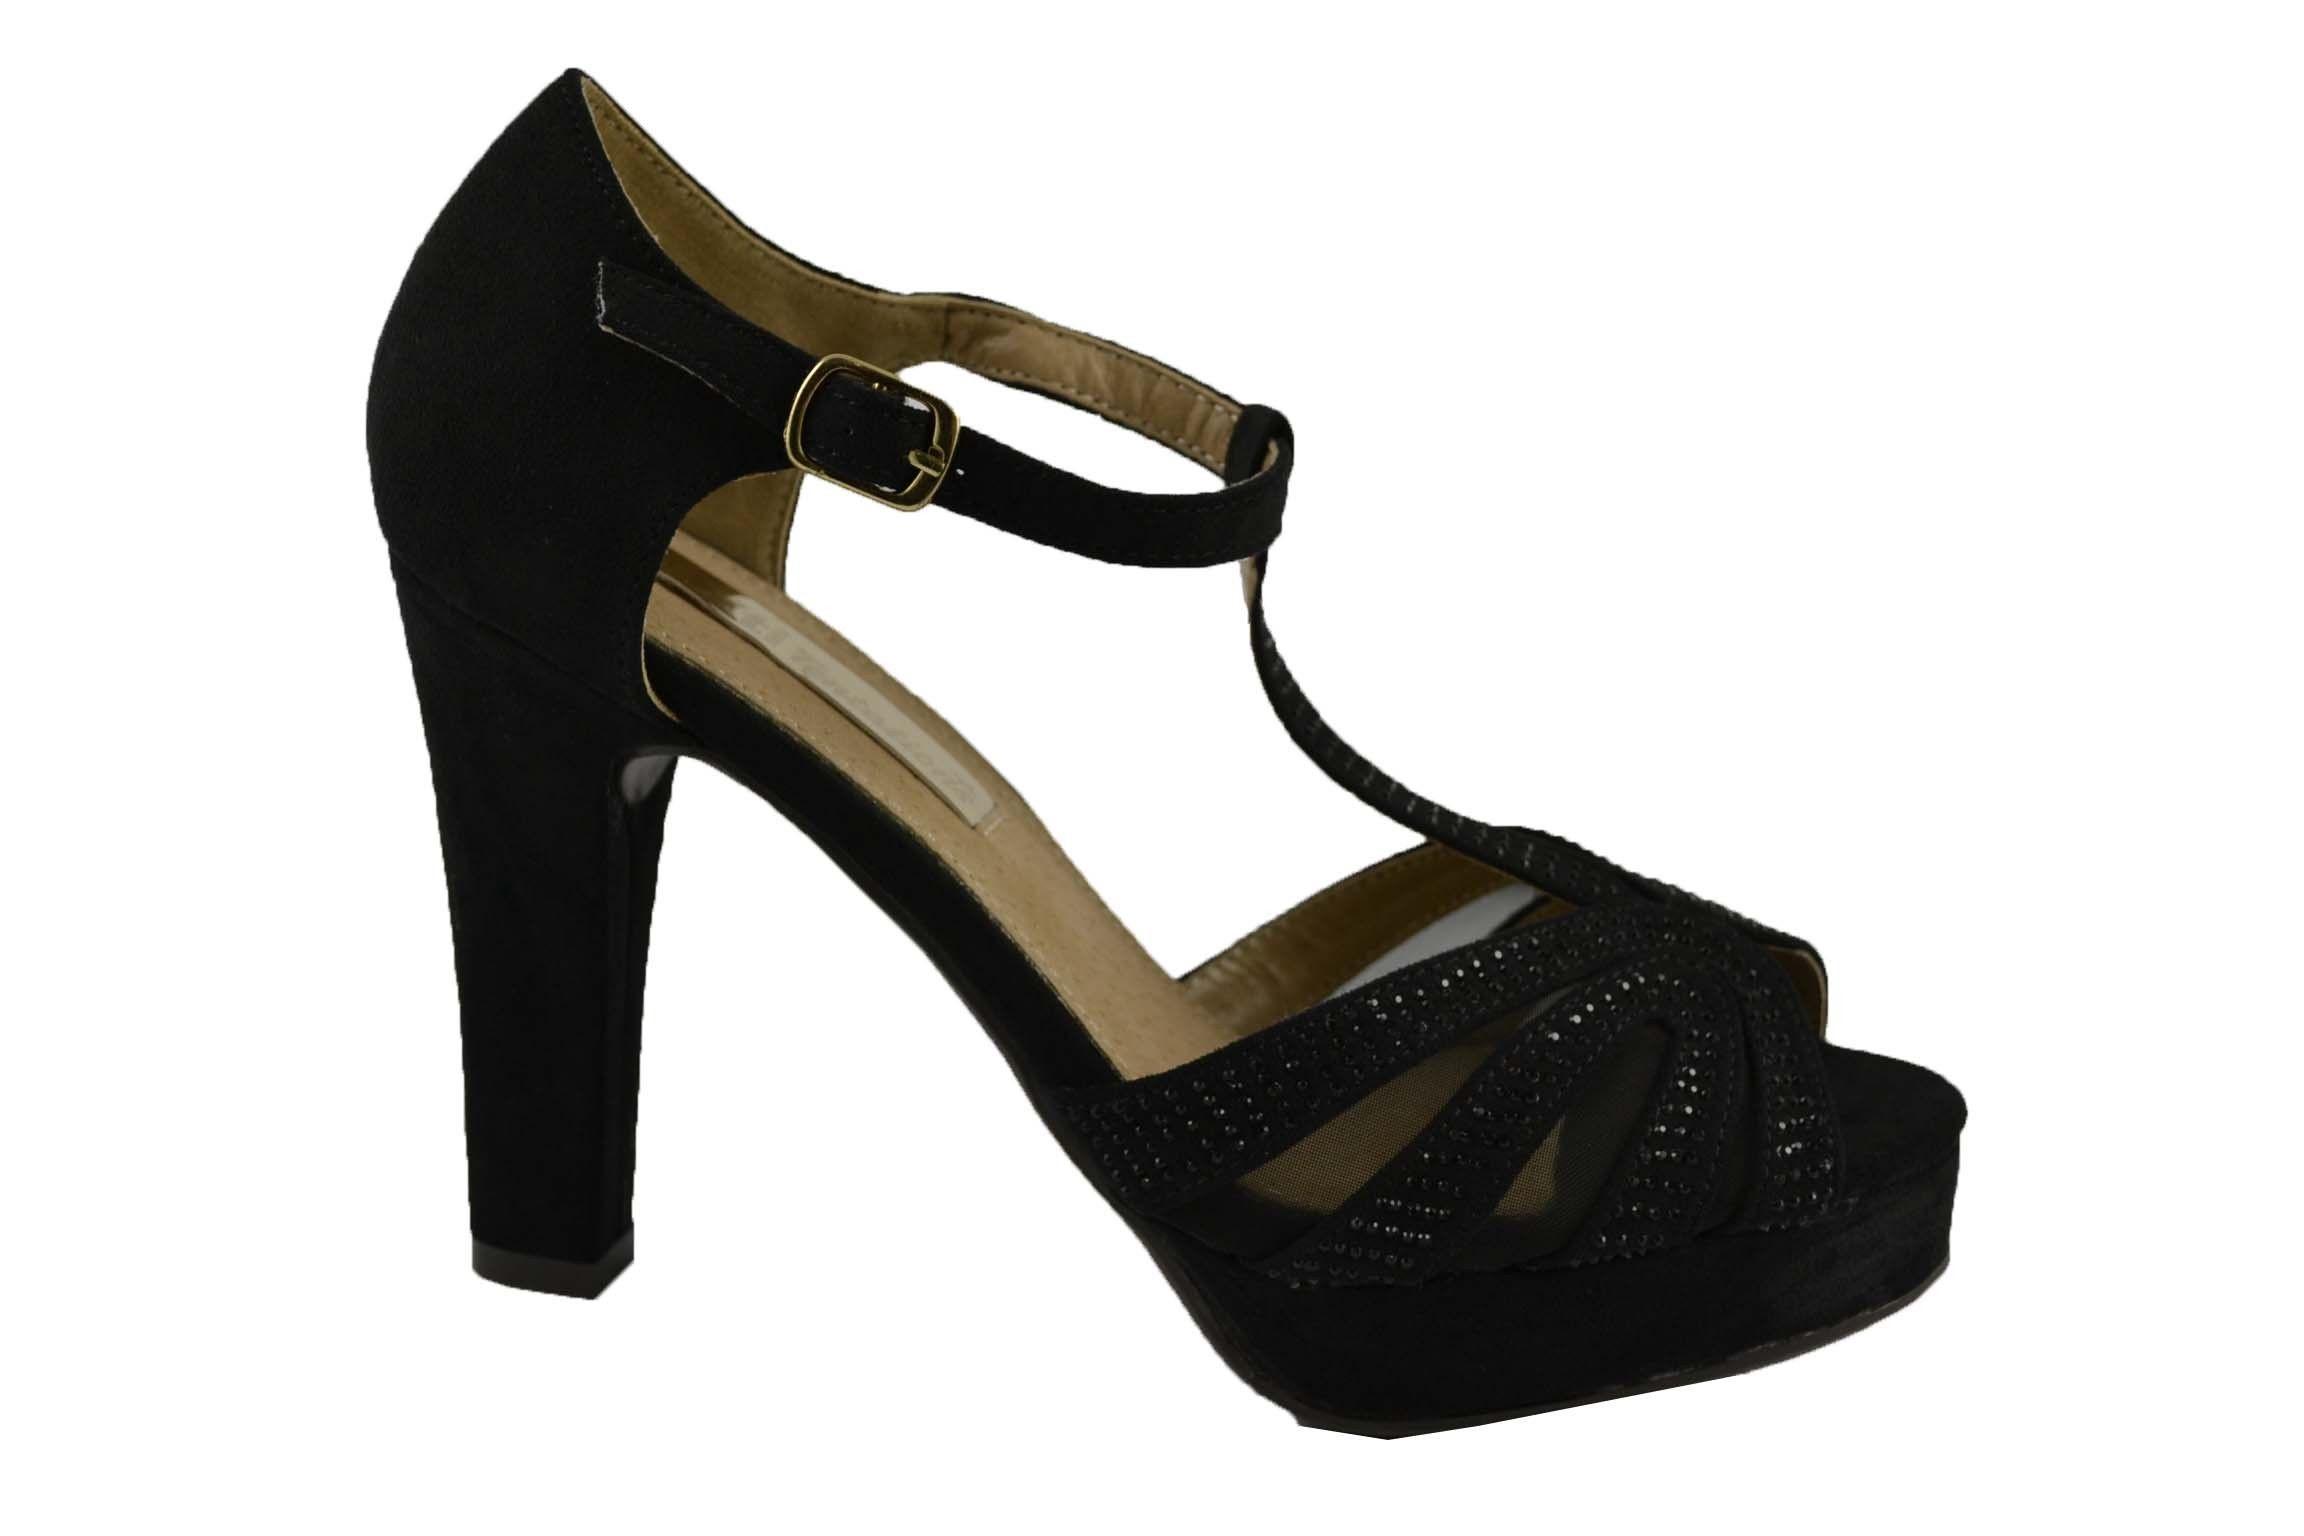 214ee7db Zapatos De Fiesta Con Tacón Alto Forrado De 10cm. XTI | Zapatos ...